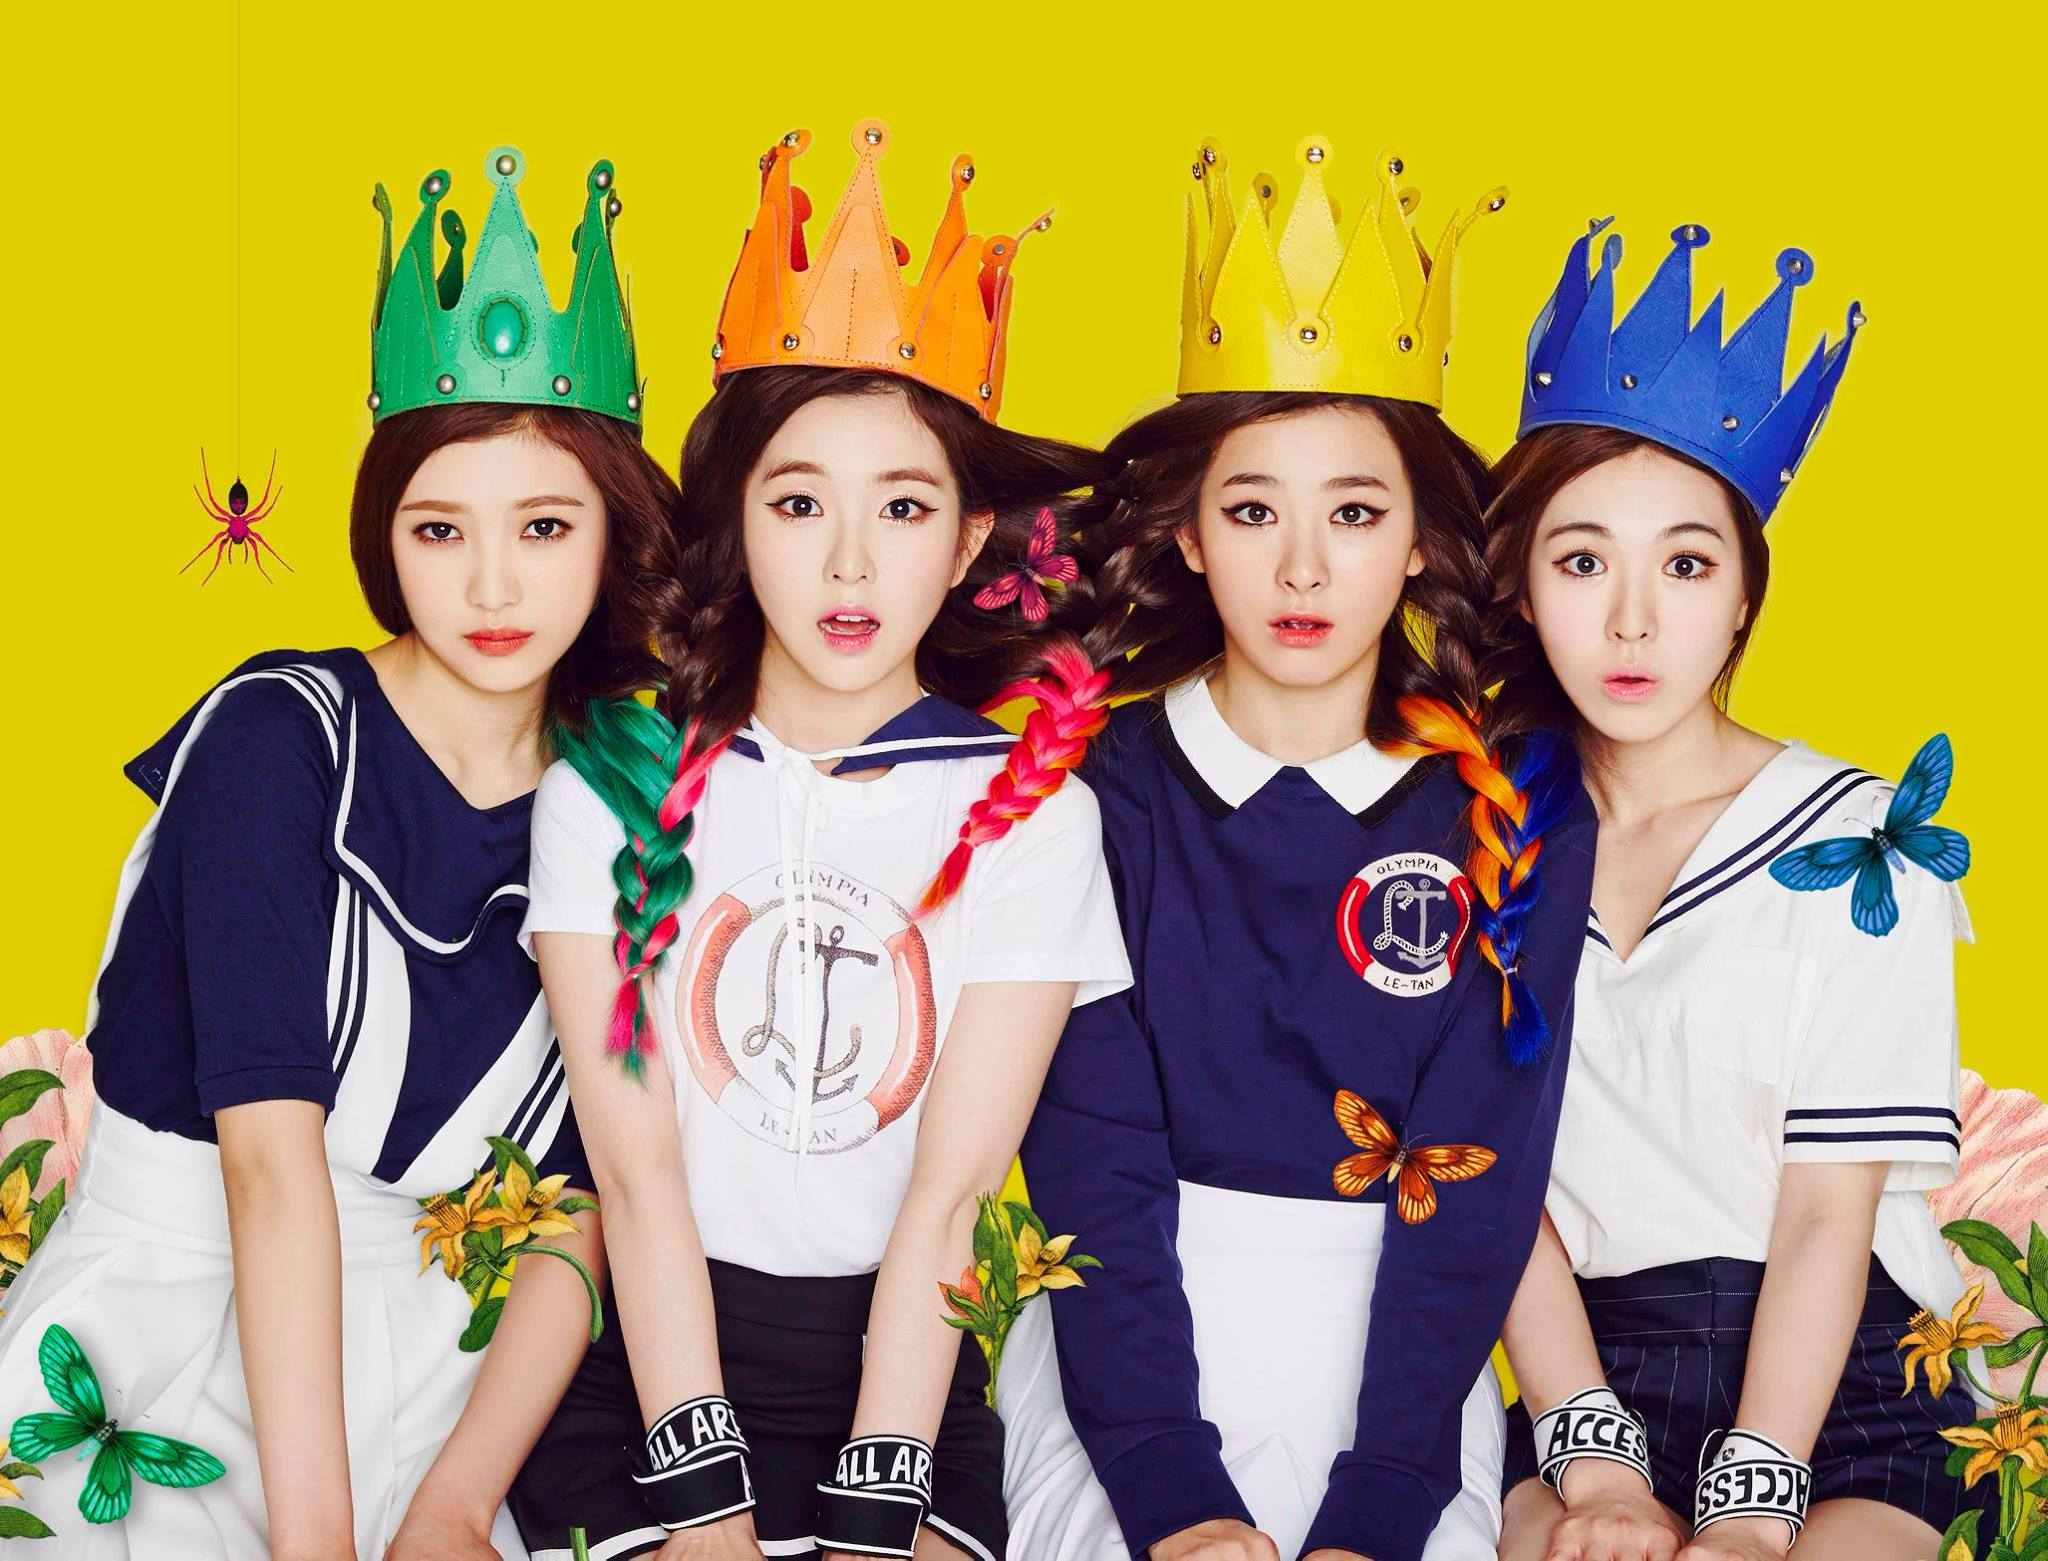 目前最有可能的就是《Happiness》時期的這張照片,其他4位成員頭上都有王冠,而當時Yeri還未加入,當然也就沒有王冠啦~~~(當然只是猜測)